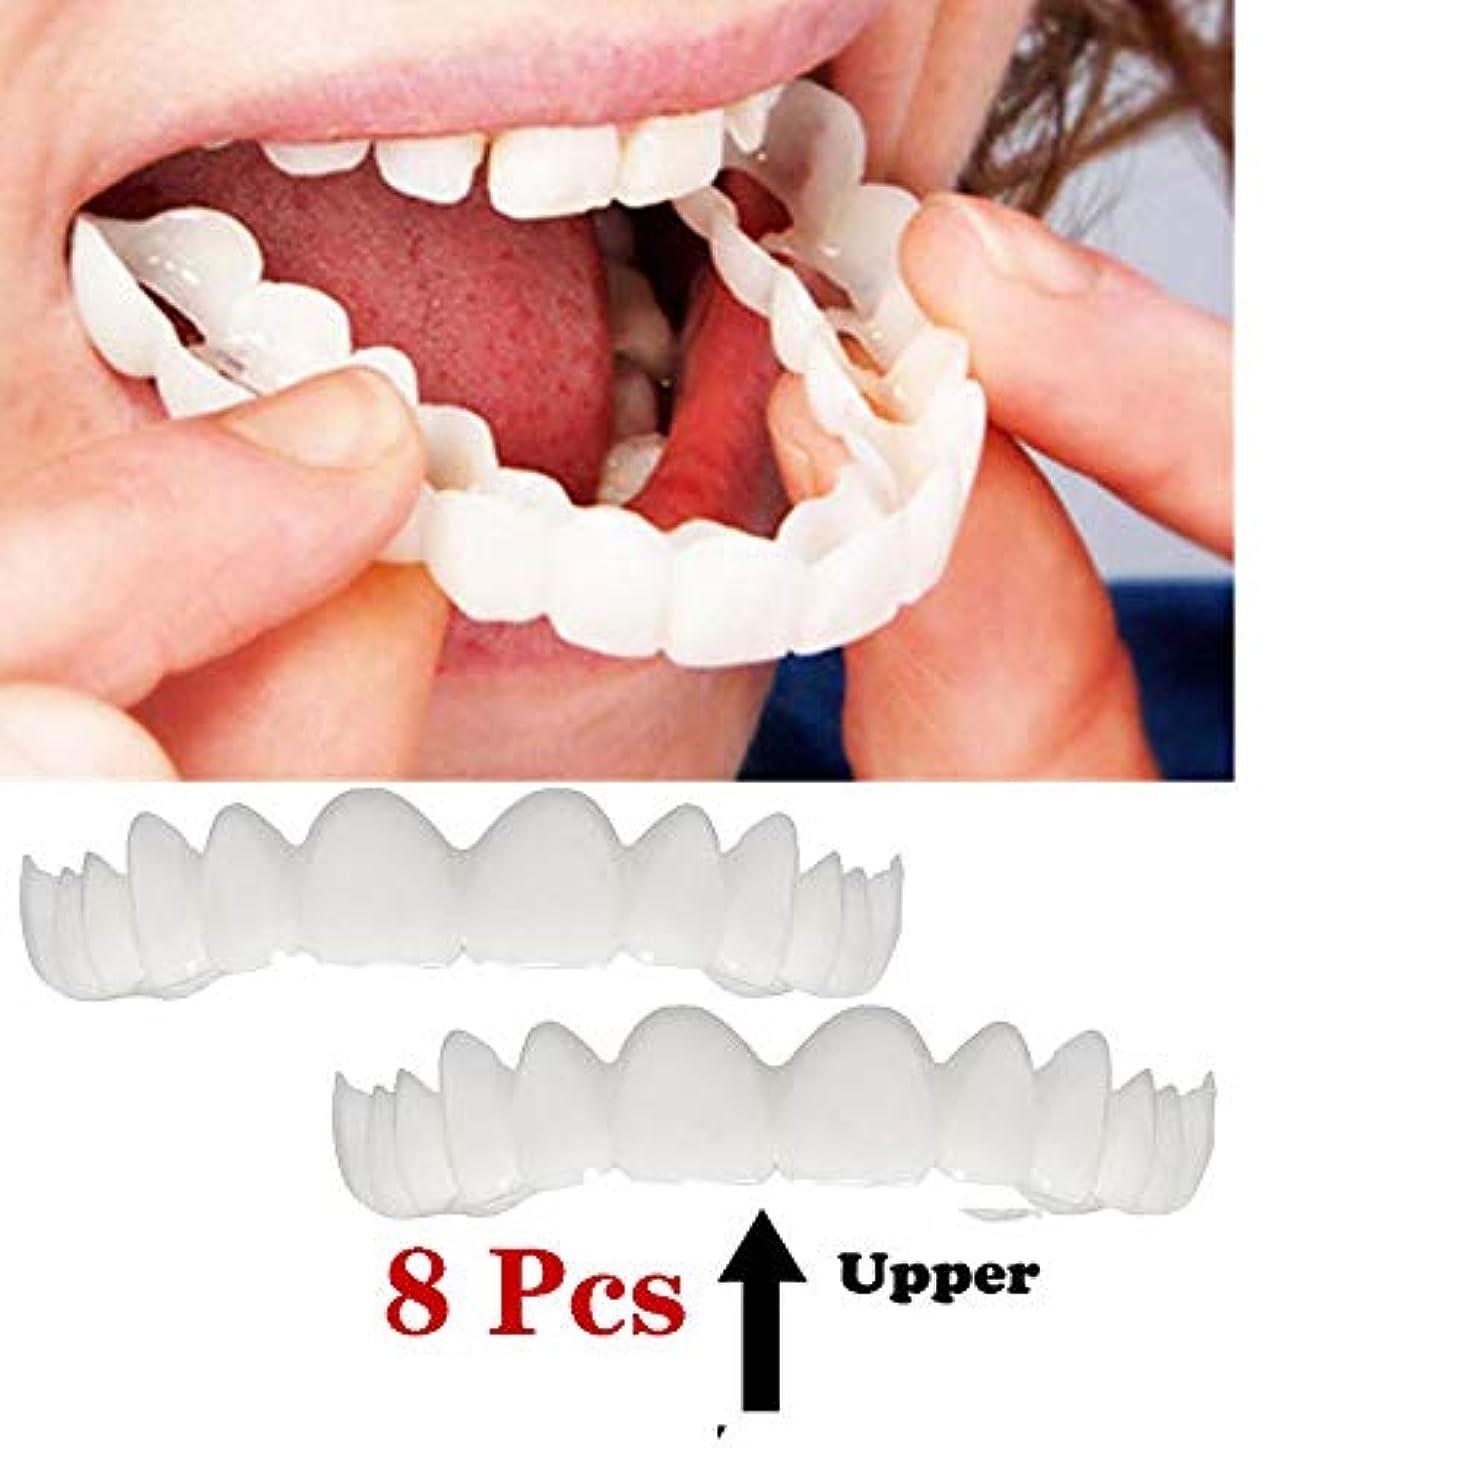 補償承認お8ピース突き板歯仮化粧品歯義歯歯模擬ブレースアッパーブレースホワイトニング歯スナップキャップインスタント快適なフレックスパーフェクトベニア